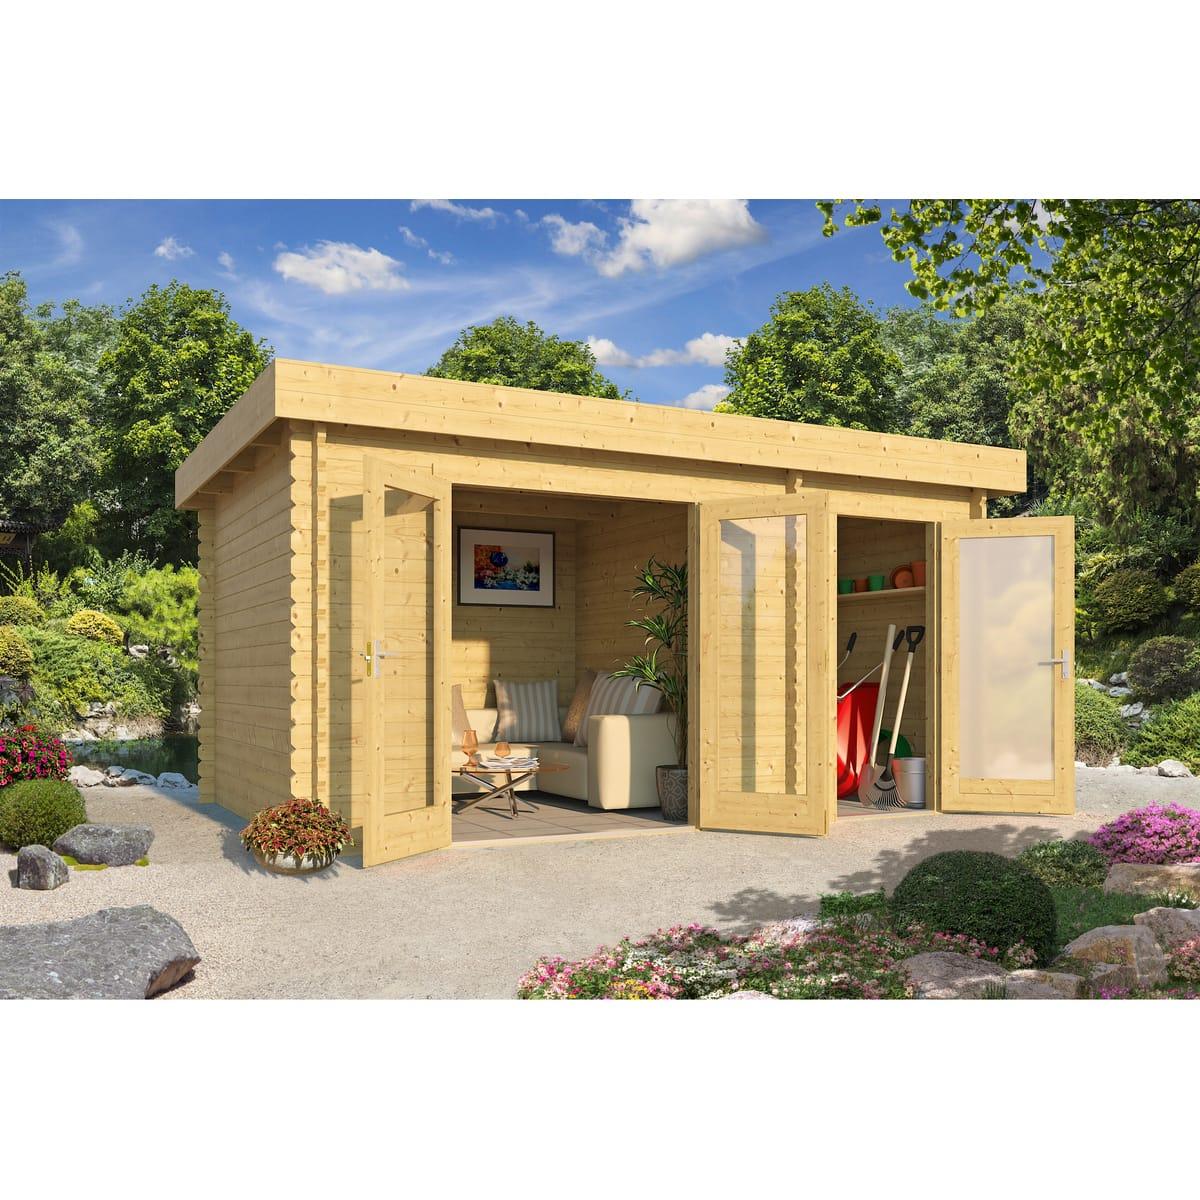 Vente Abri De Jardin Rsine - Tritoo Maison Et Jardin destiné Abri De Jardin Auchan